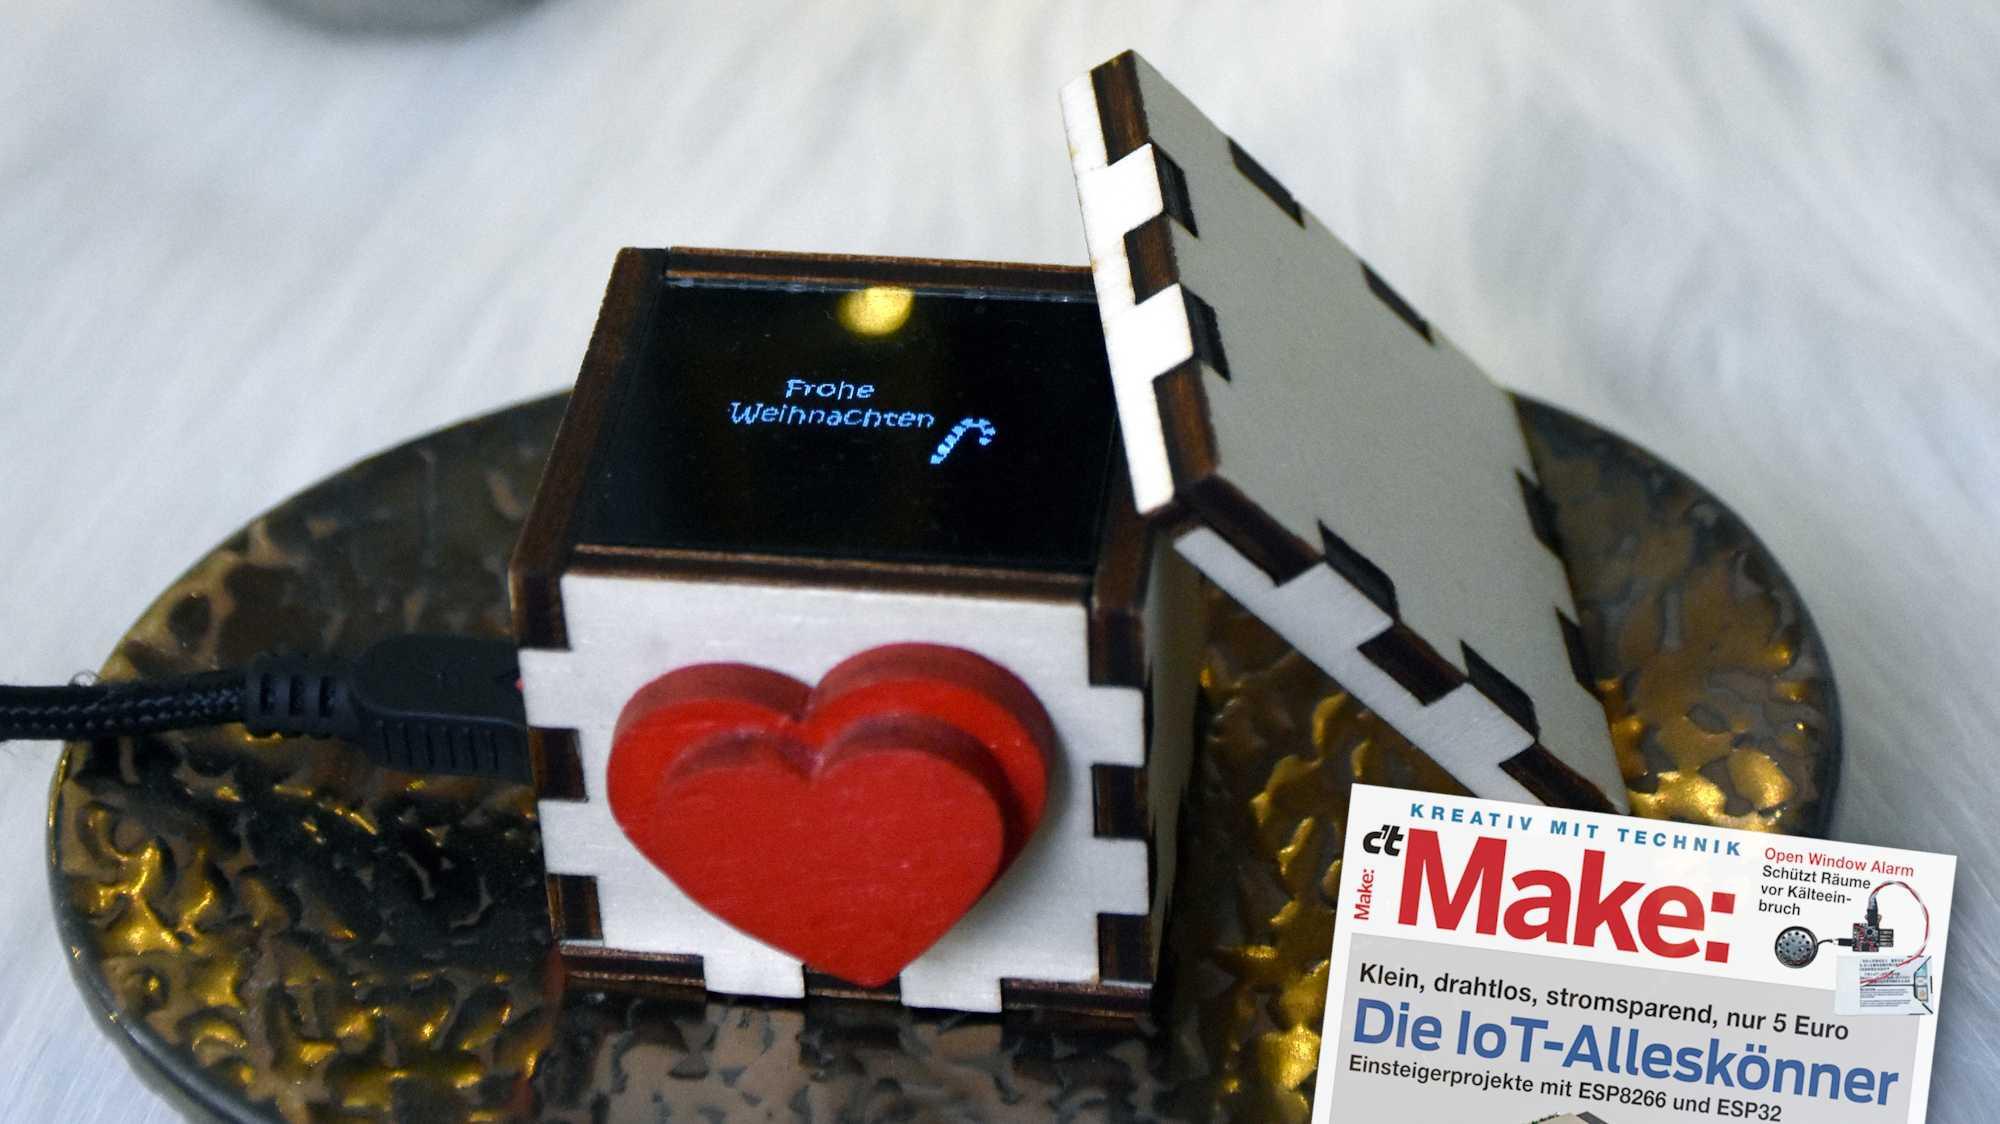 Weihnachtsgeschenke basteln mit ESP8266: Die Lovebox